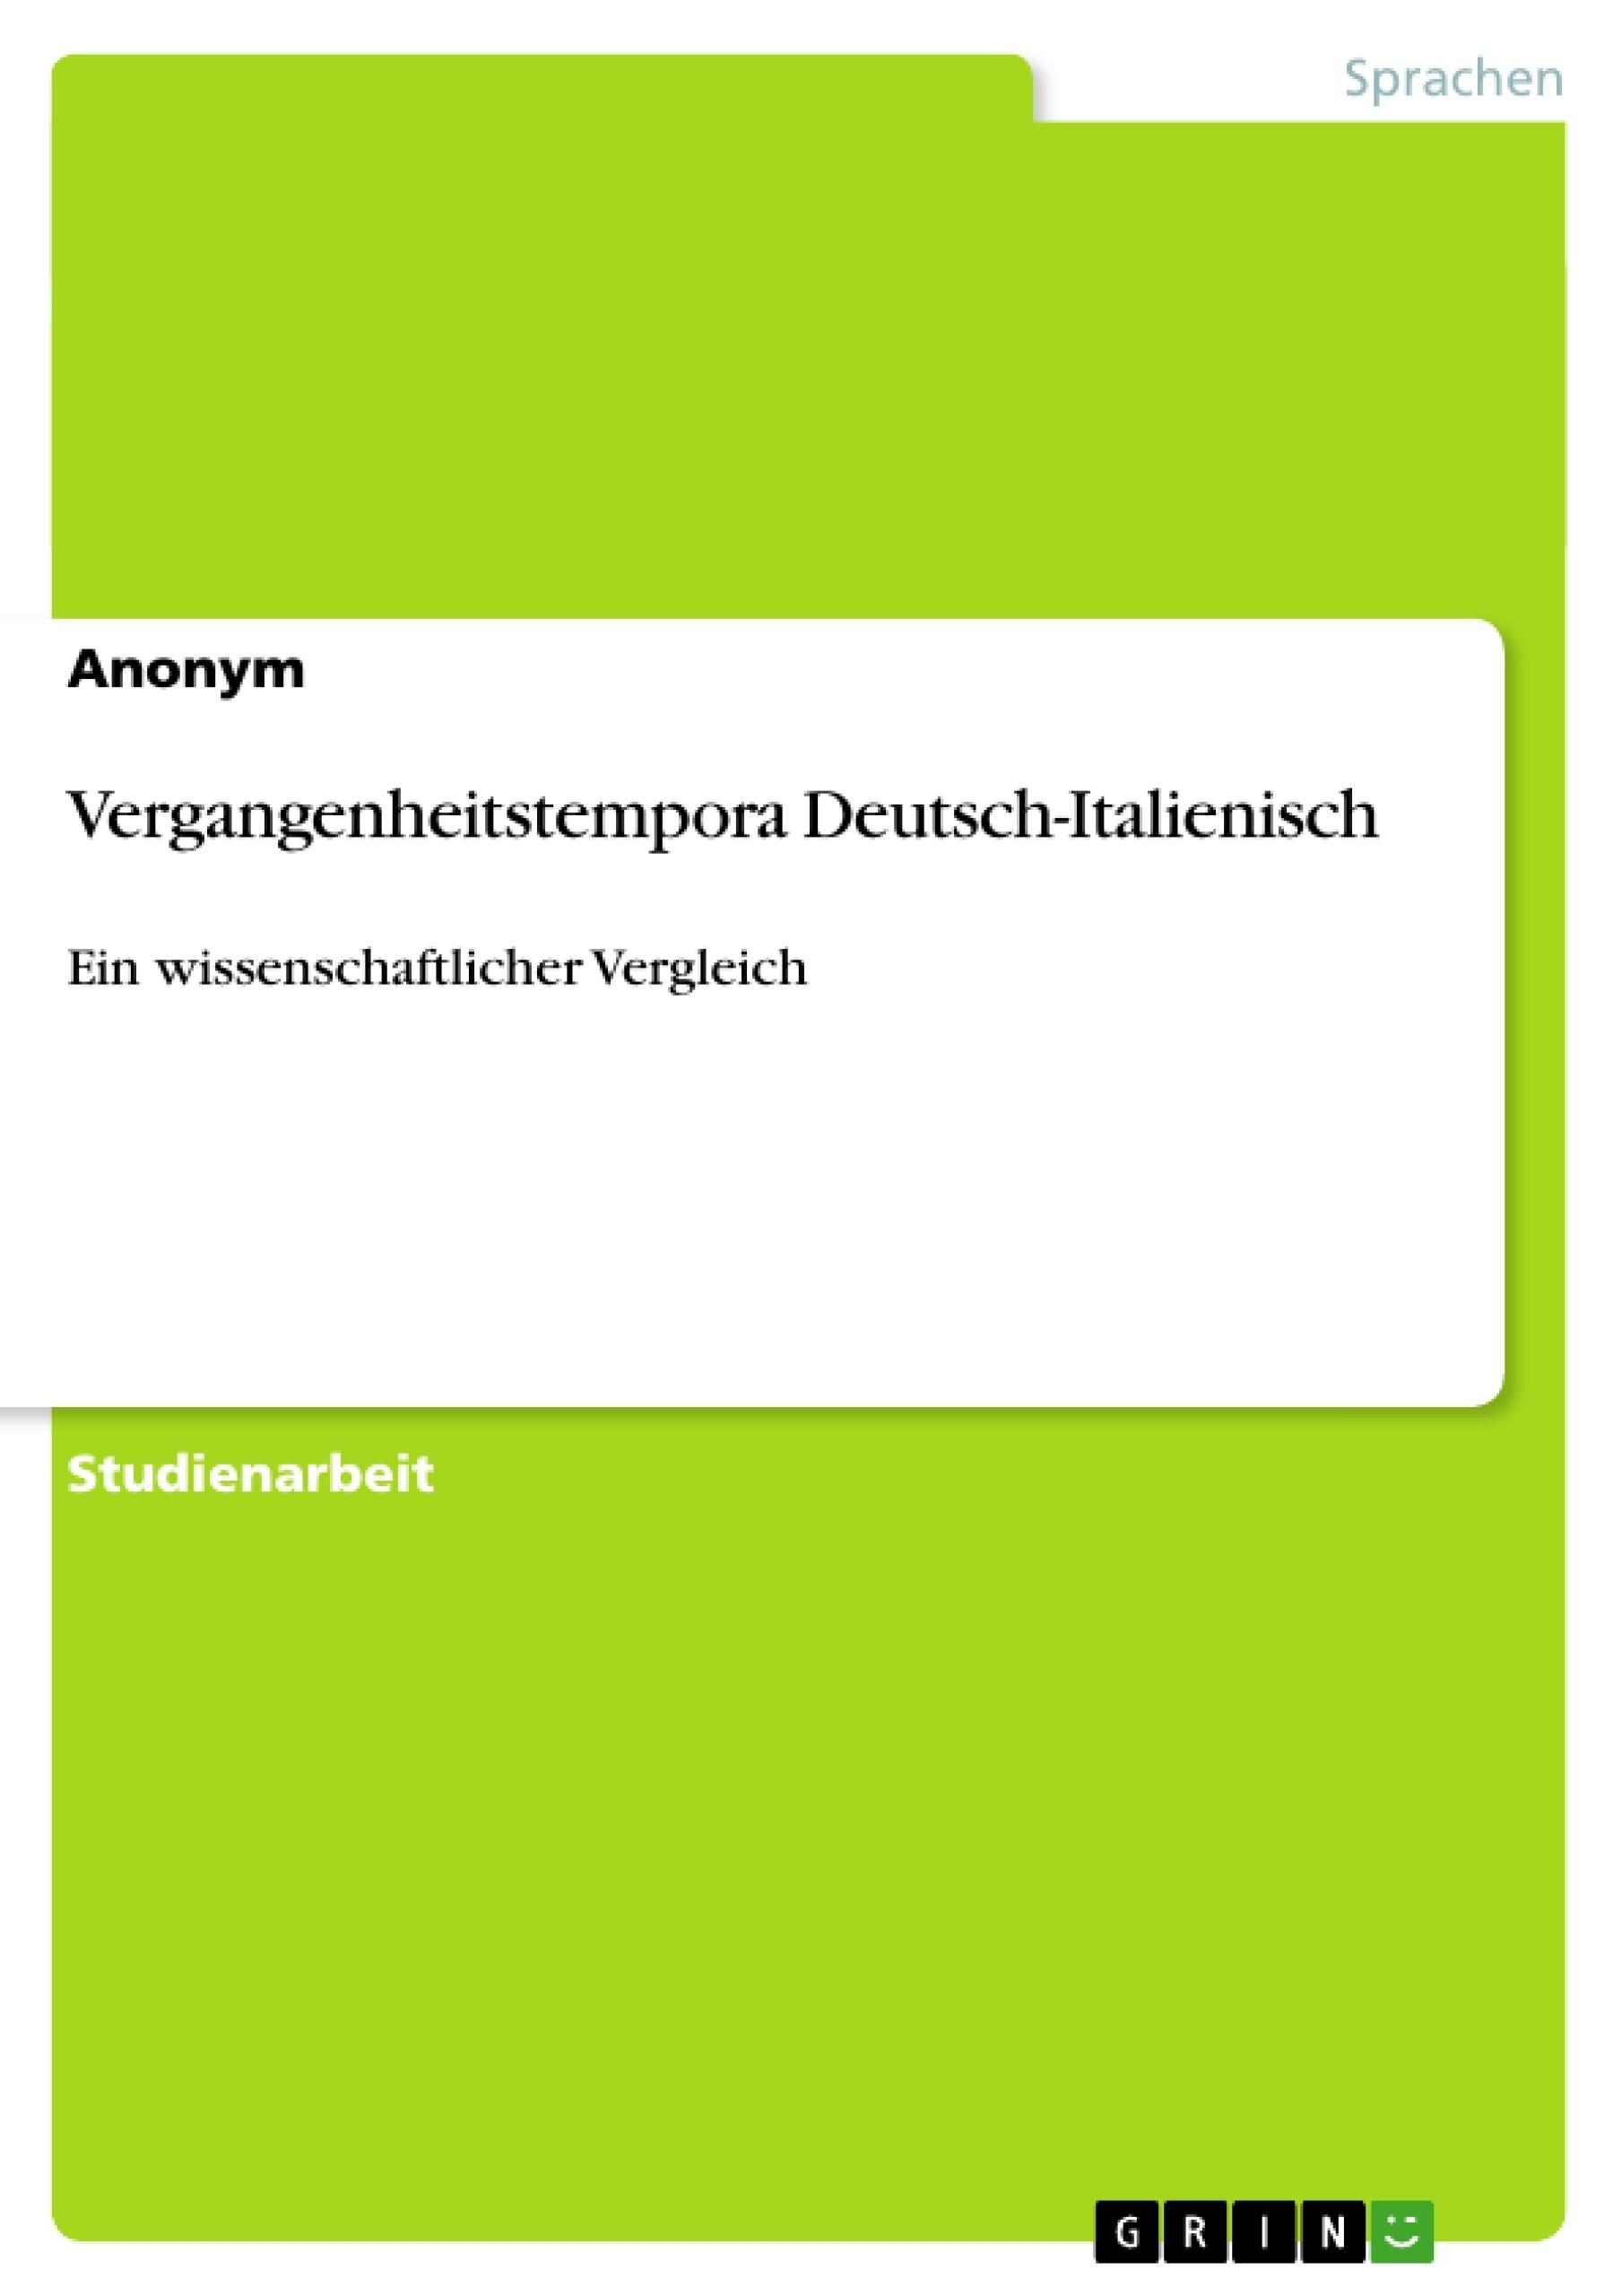 Titel: Vergangenheitstempora Deutsch-Italienisch